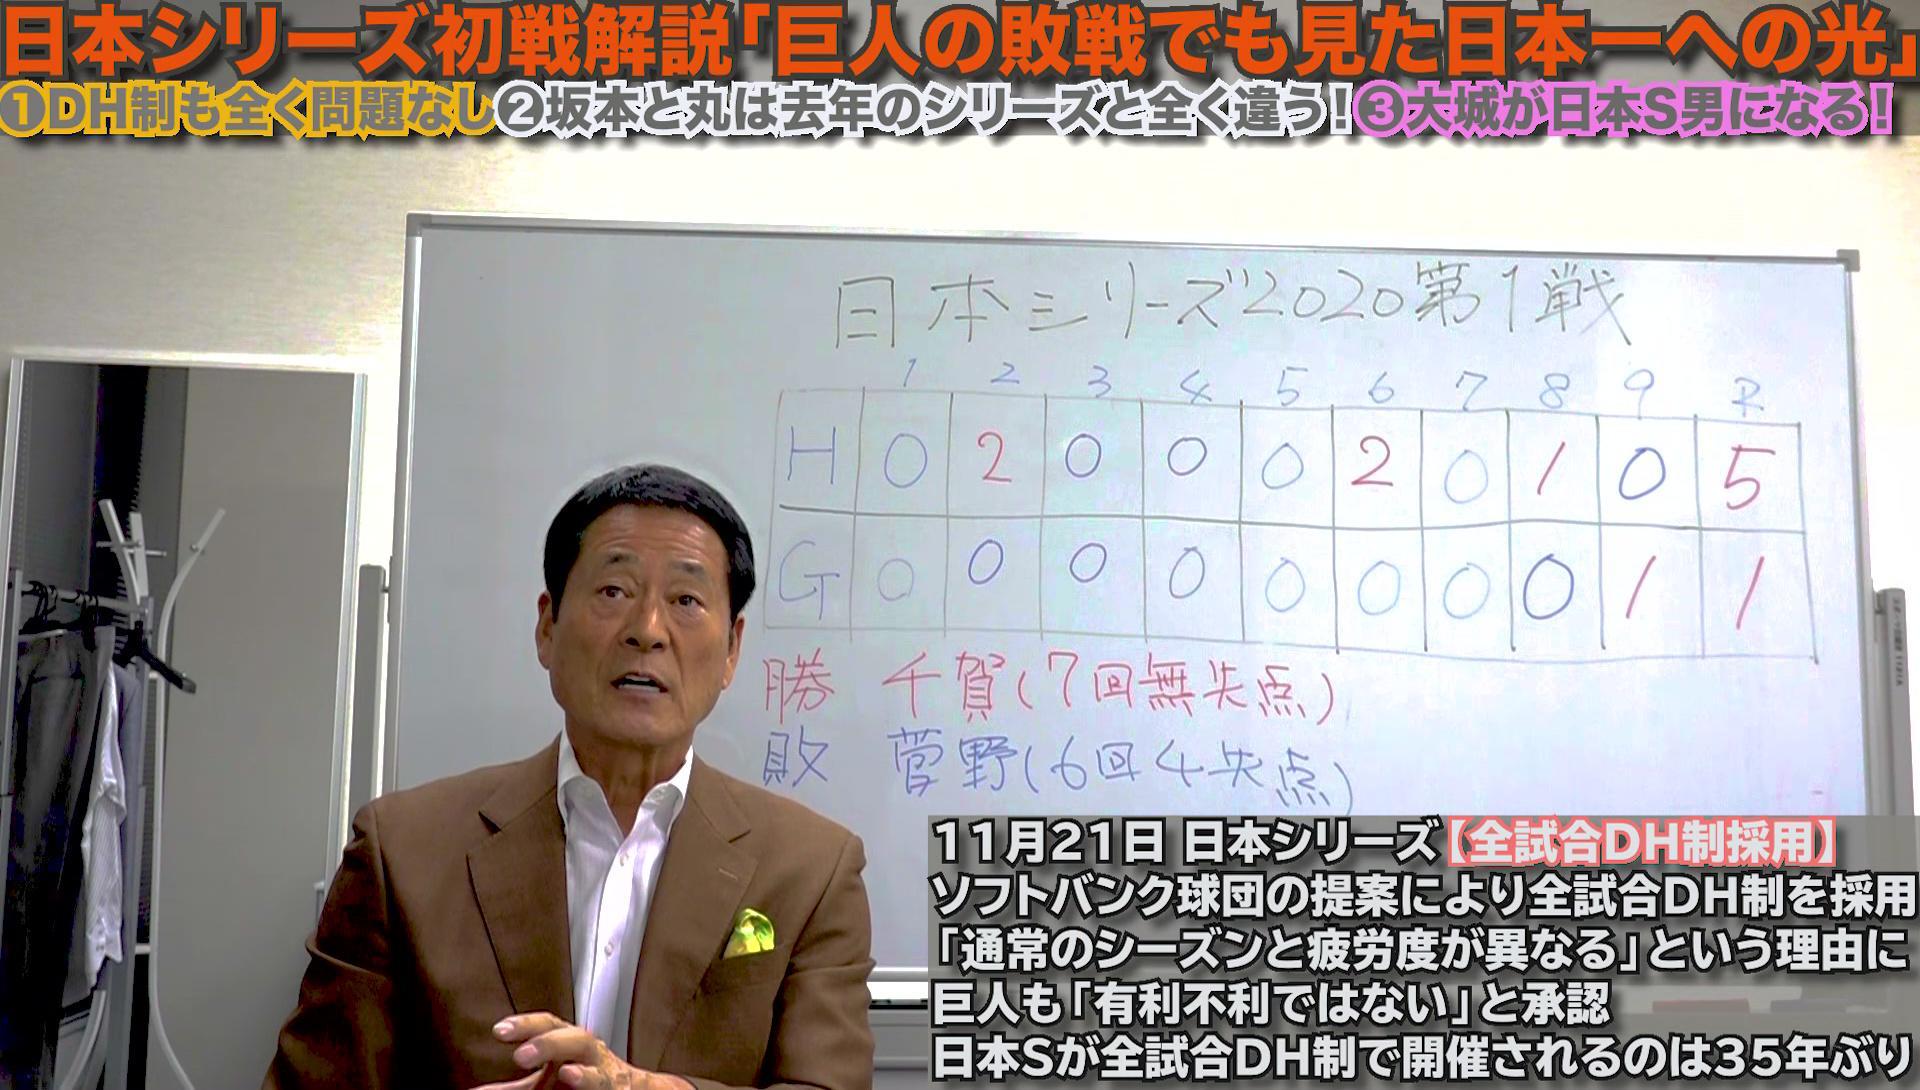 シリーズ 2020 予想 日本